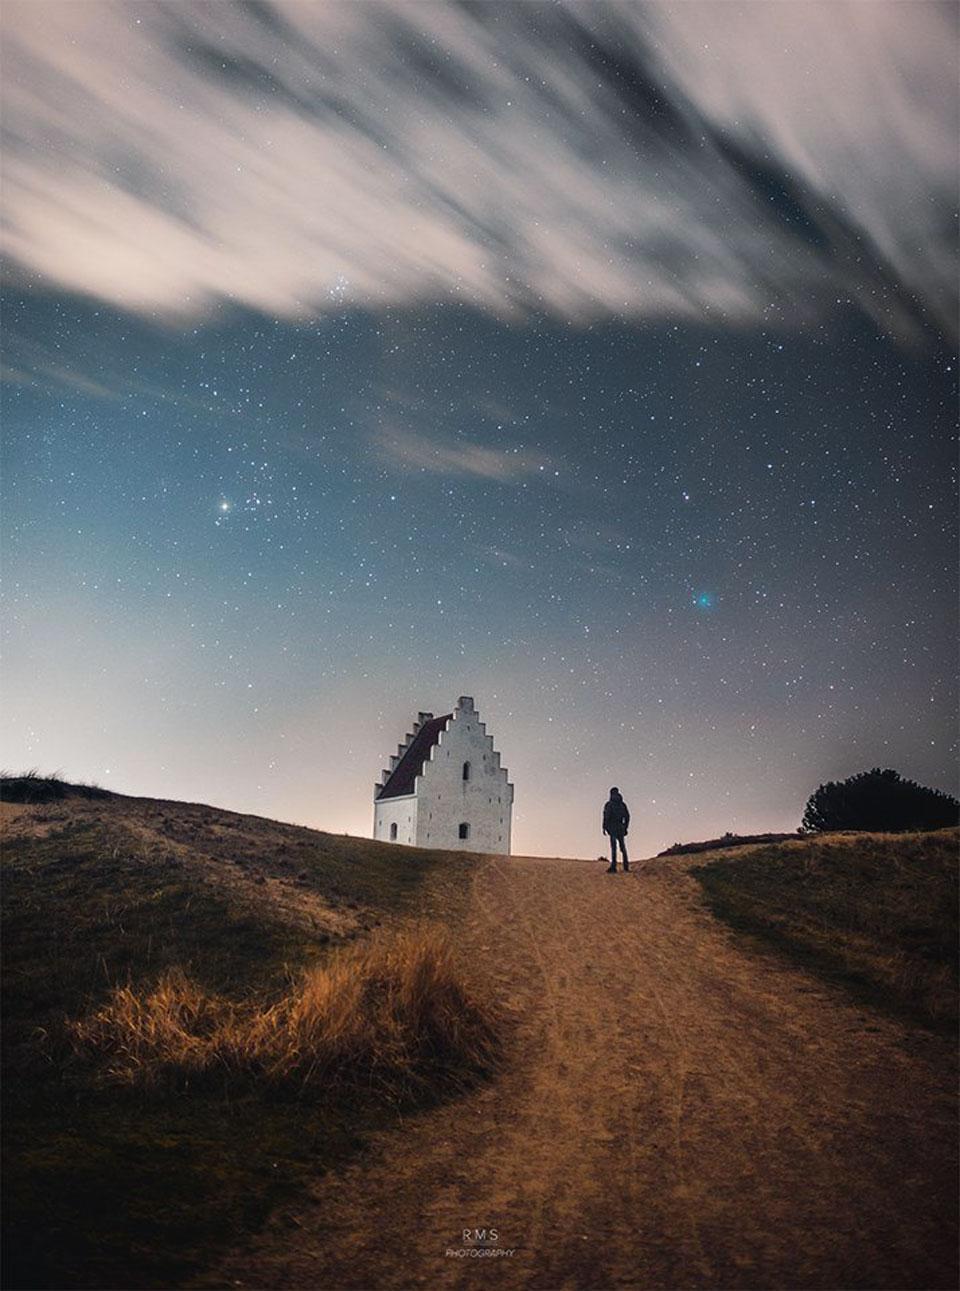 La comète Wirtanen passe près de la Terre